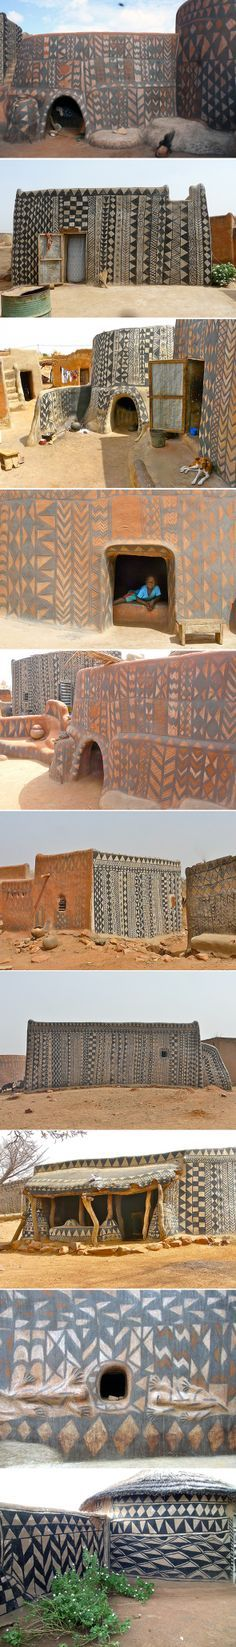 Maisons-au-Burkina-Faso ; un ornement comme peau